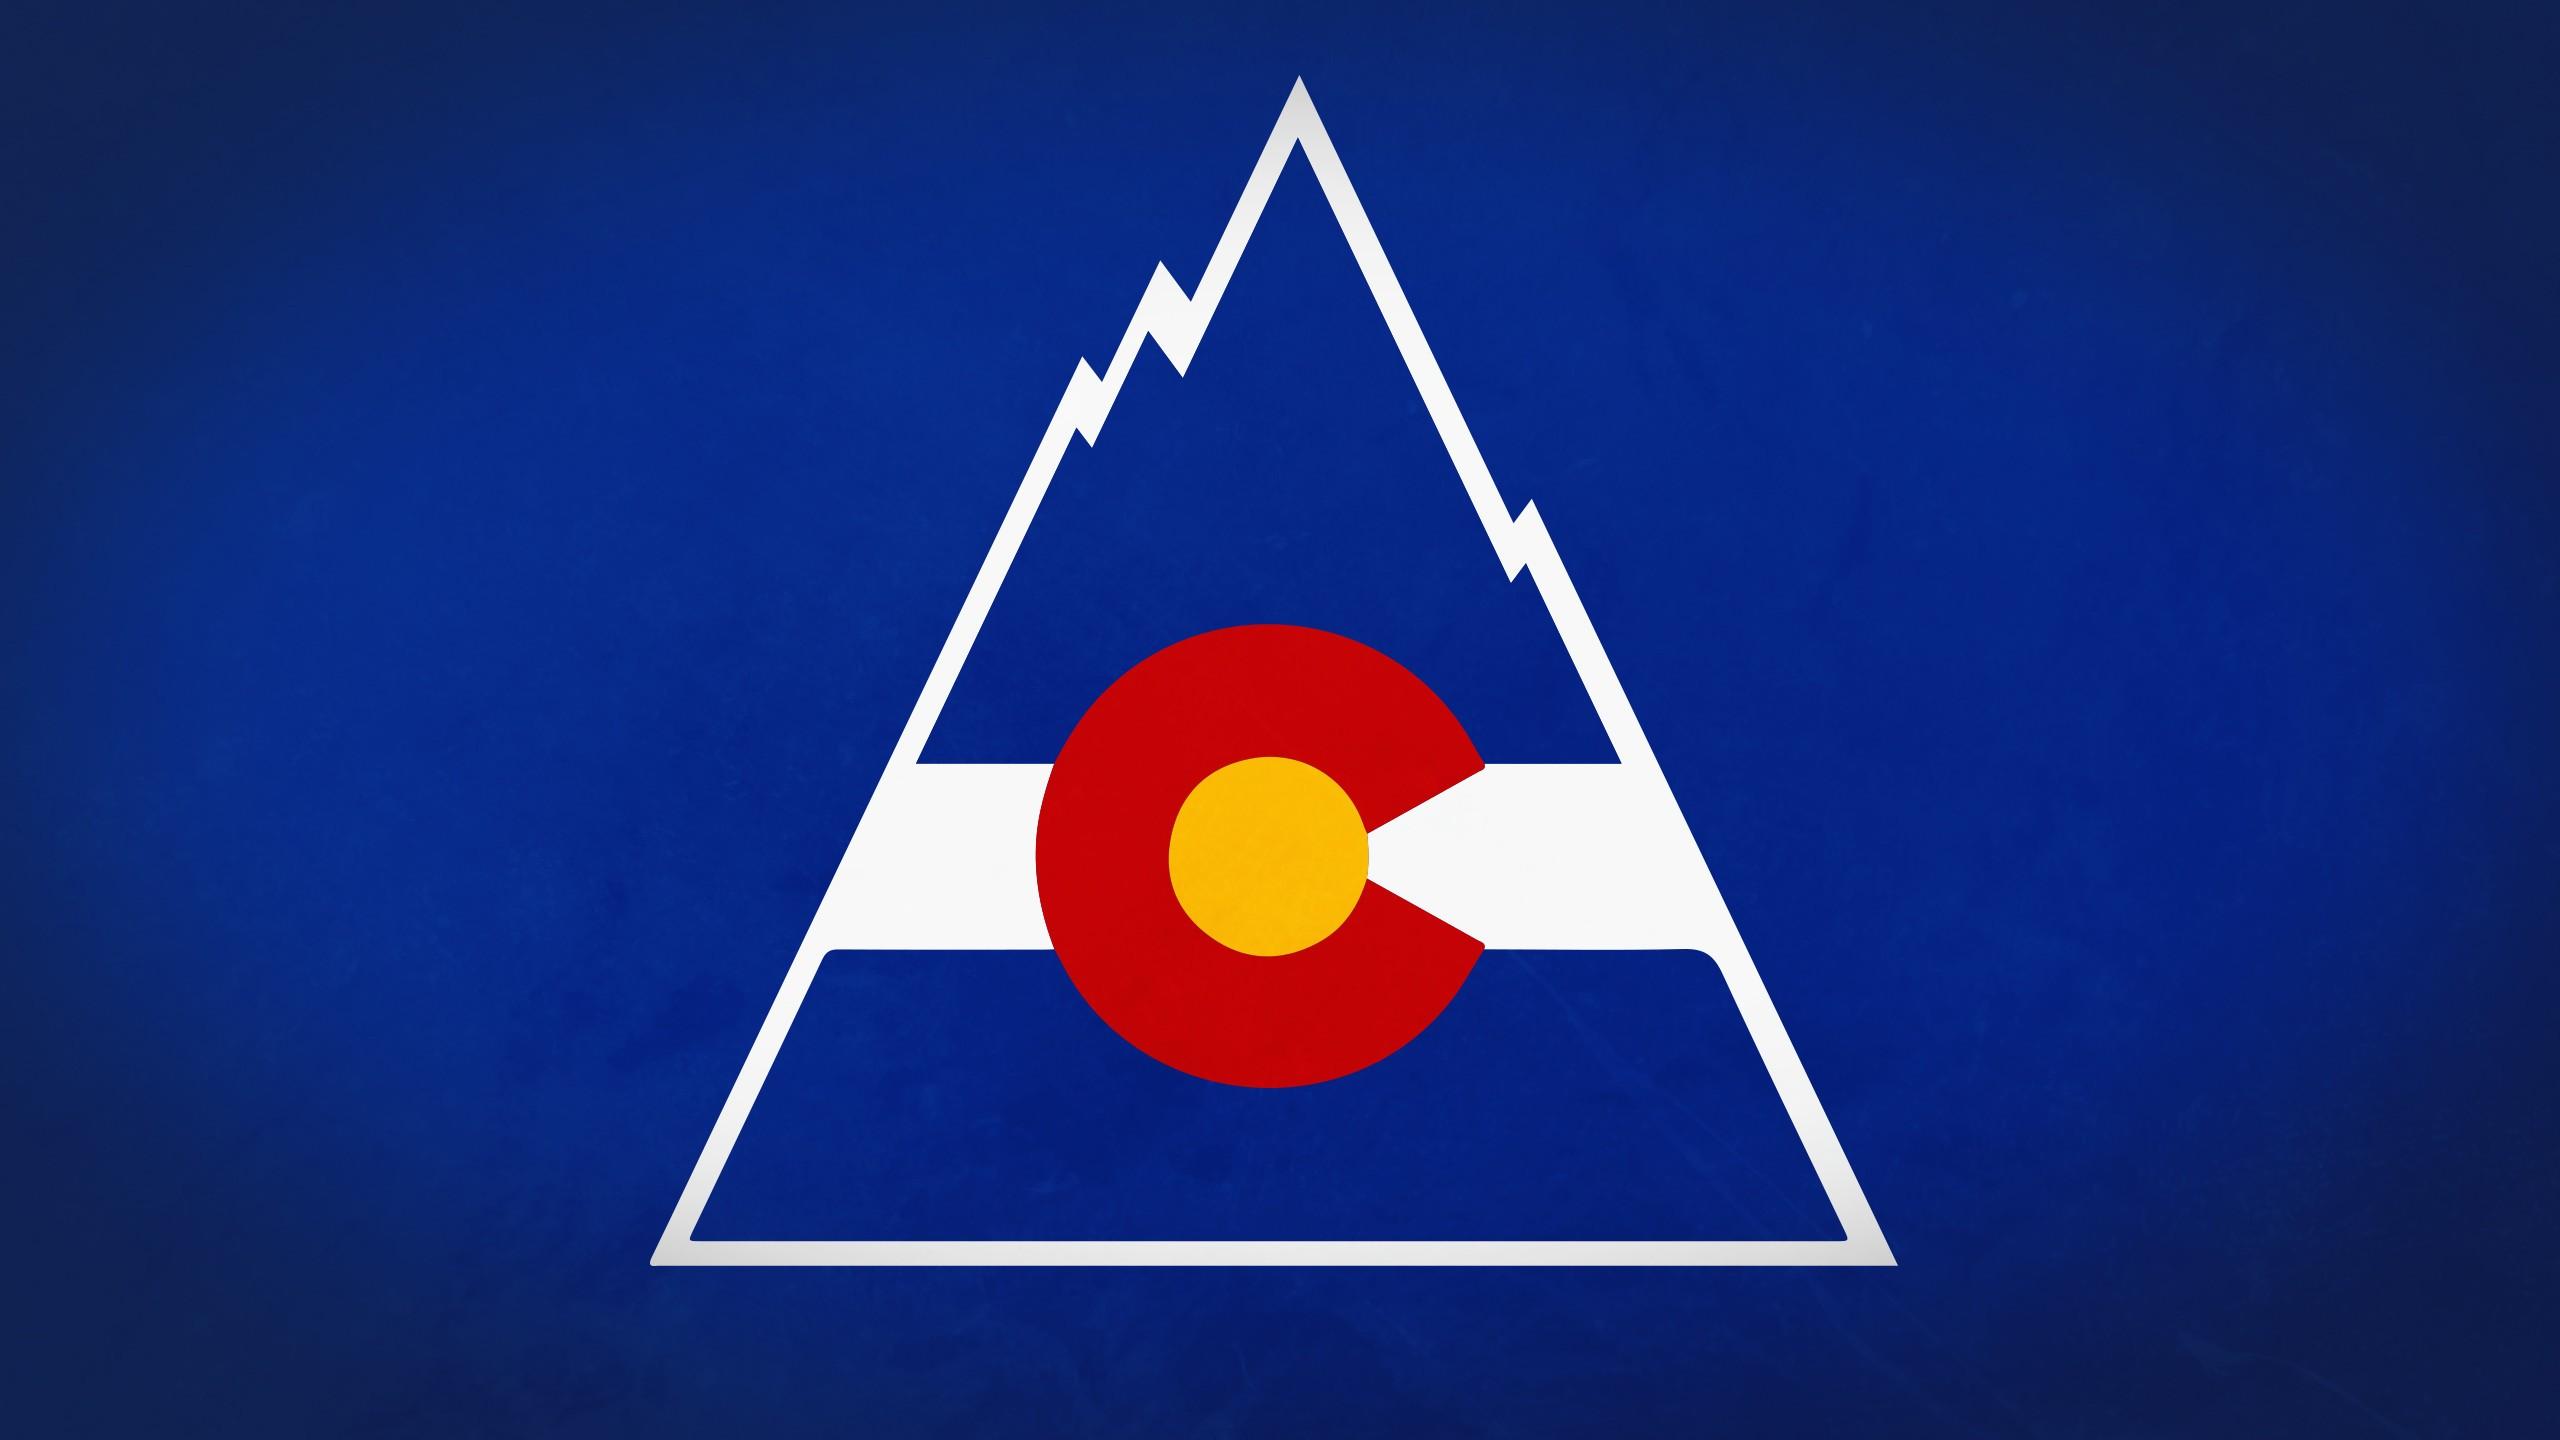 Colorado Rockies Computer Wallpapers Desktop Backgrounds 2560x1440 2560x1440